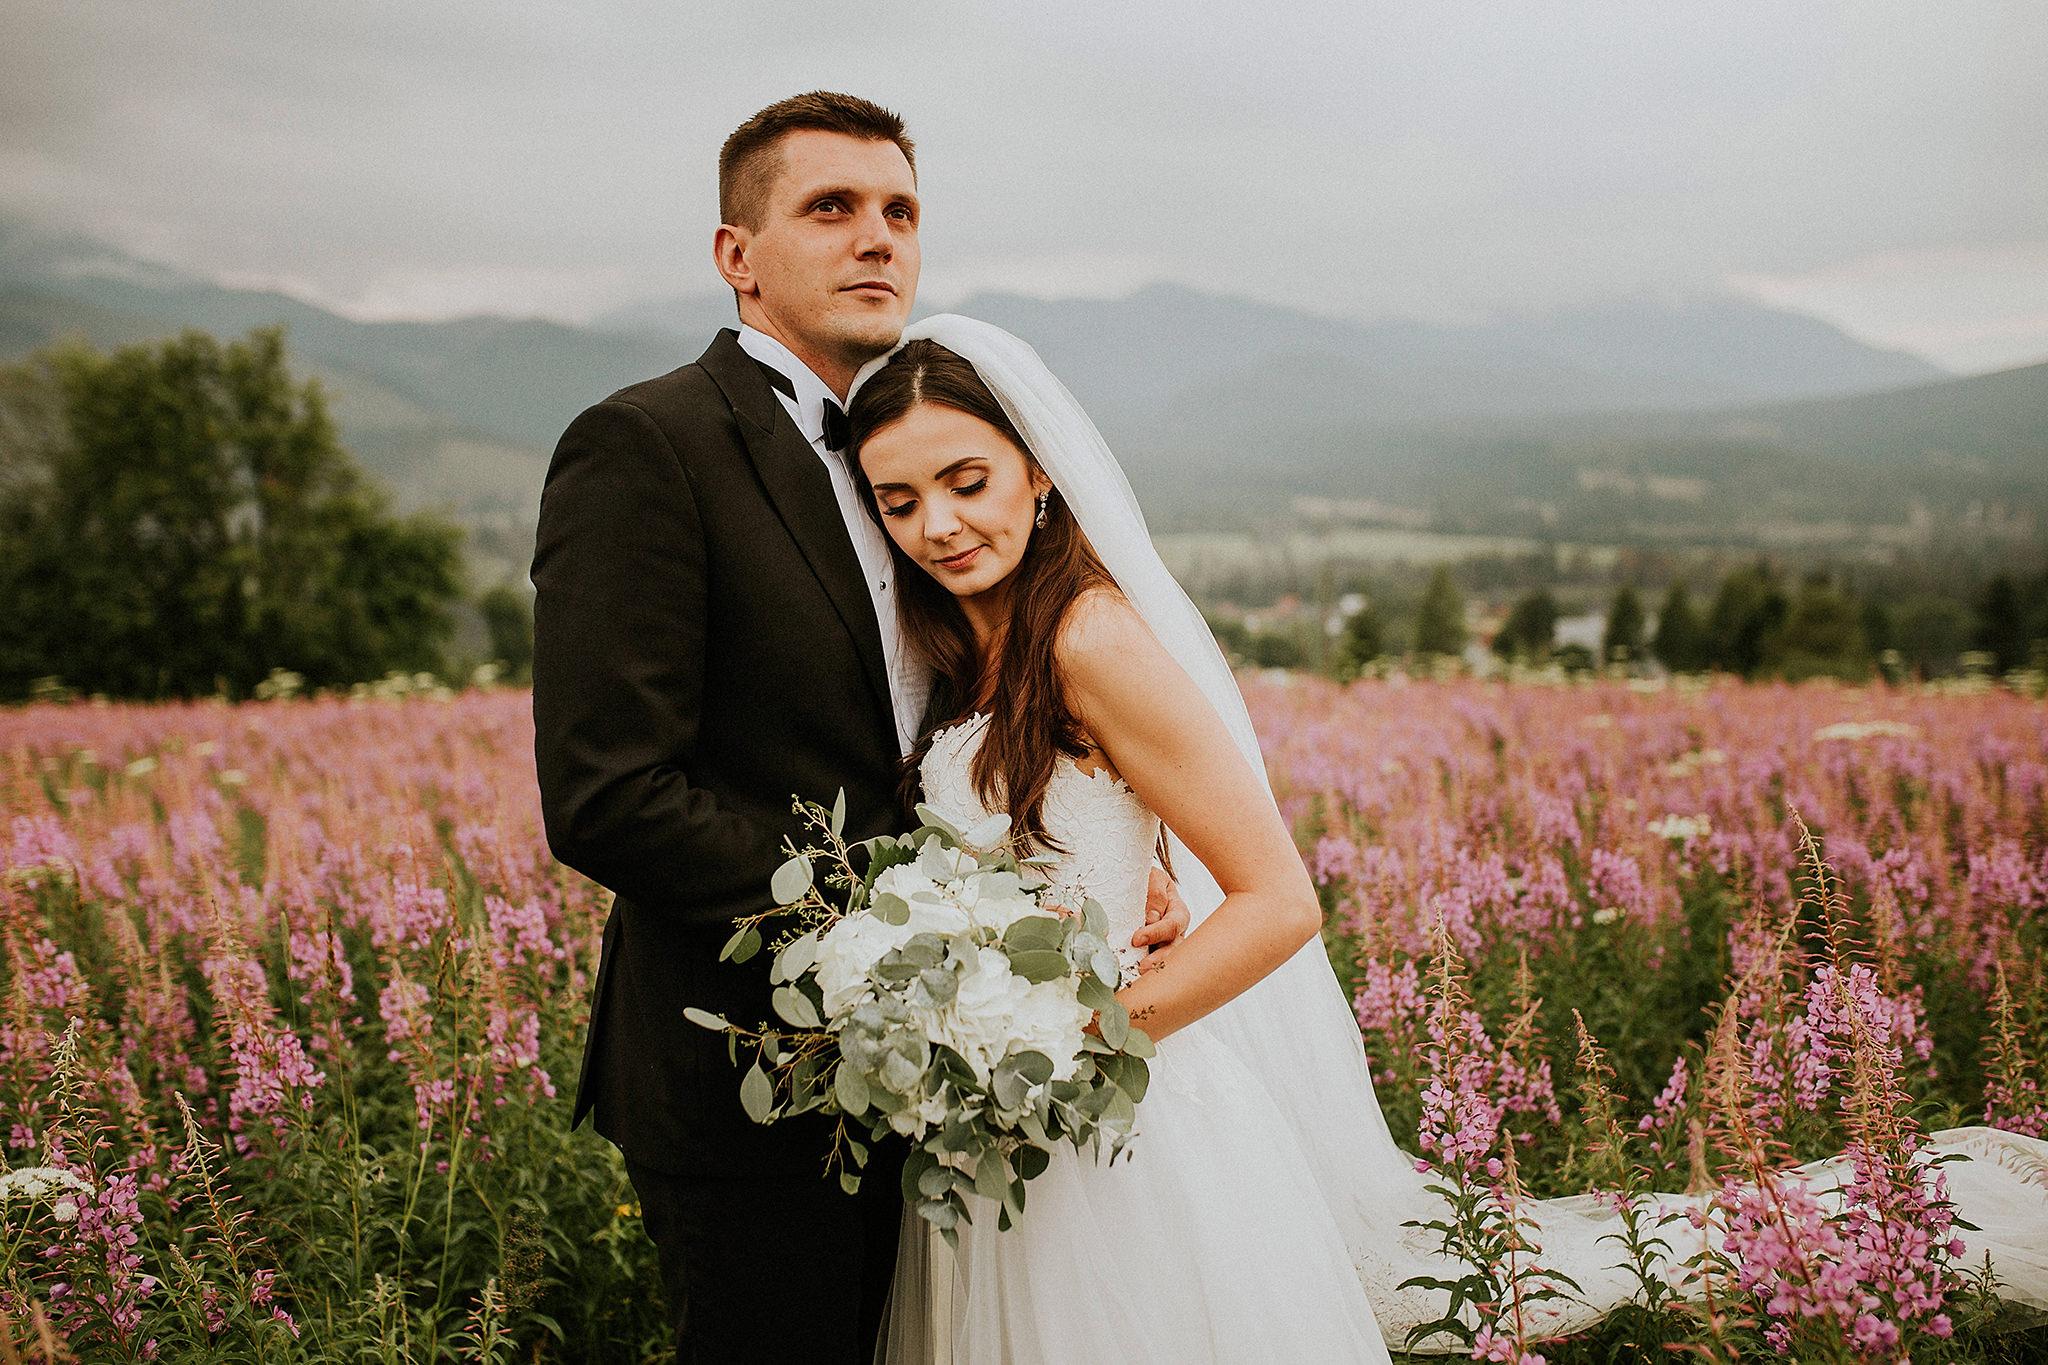 fotograf ślubny kraków karol nycz